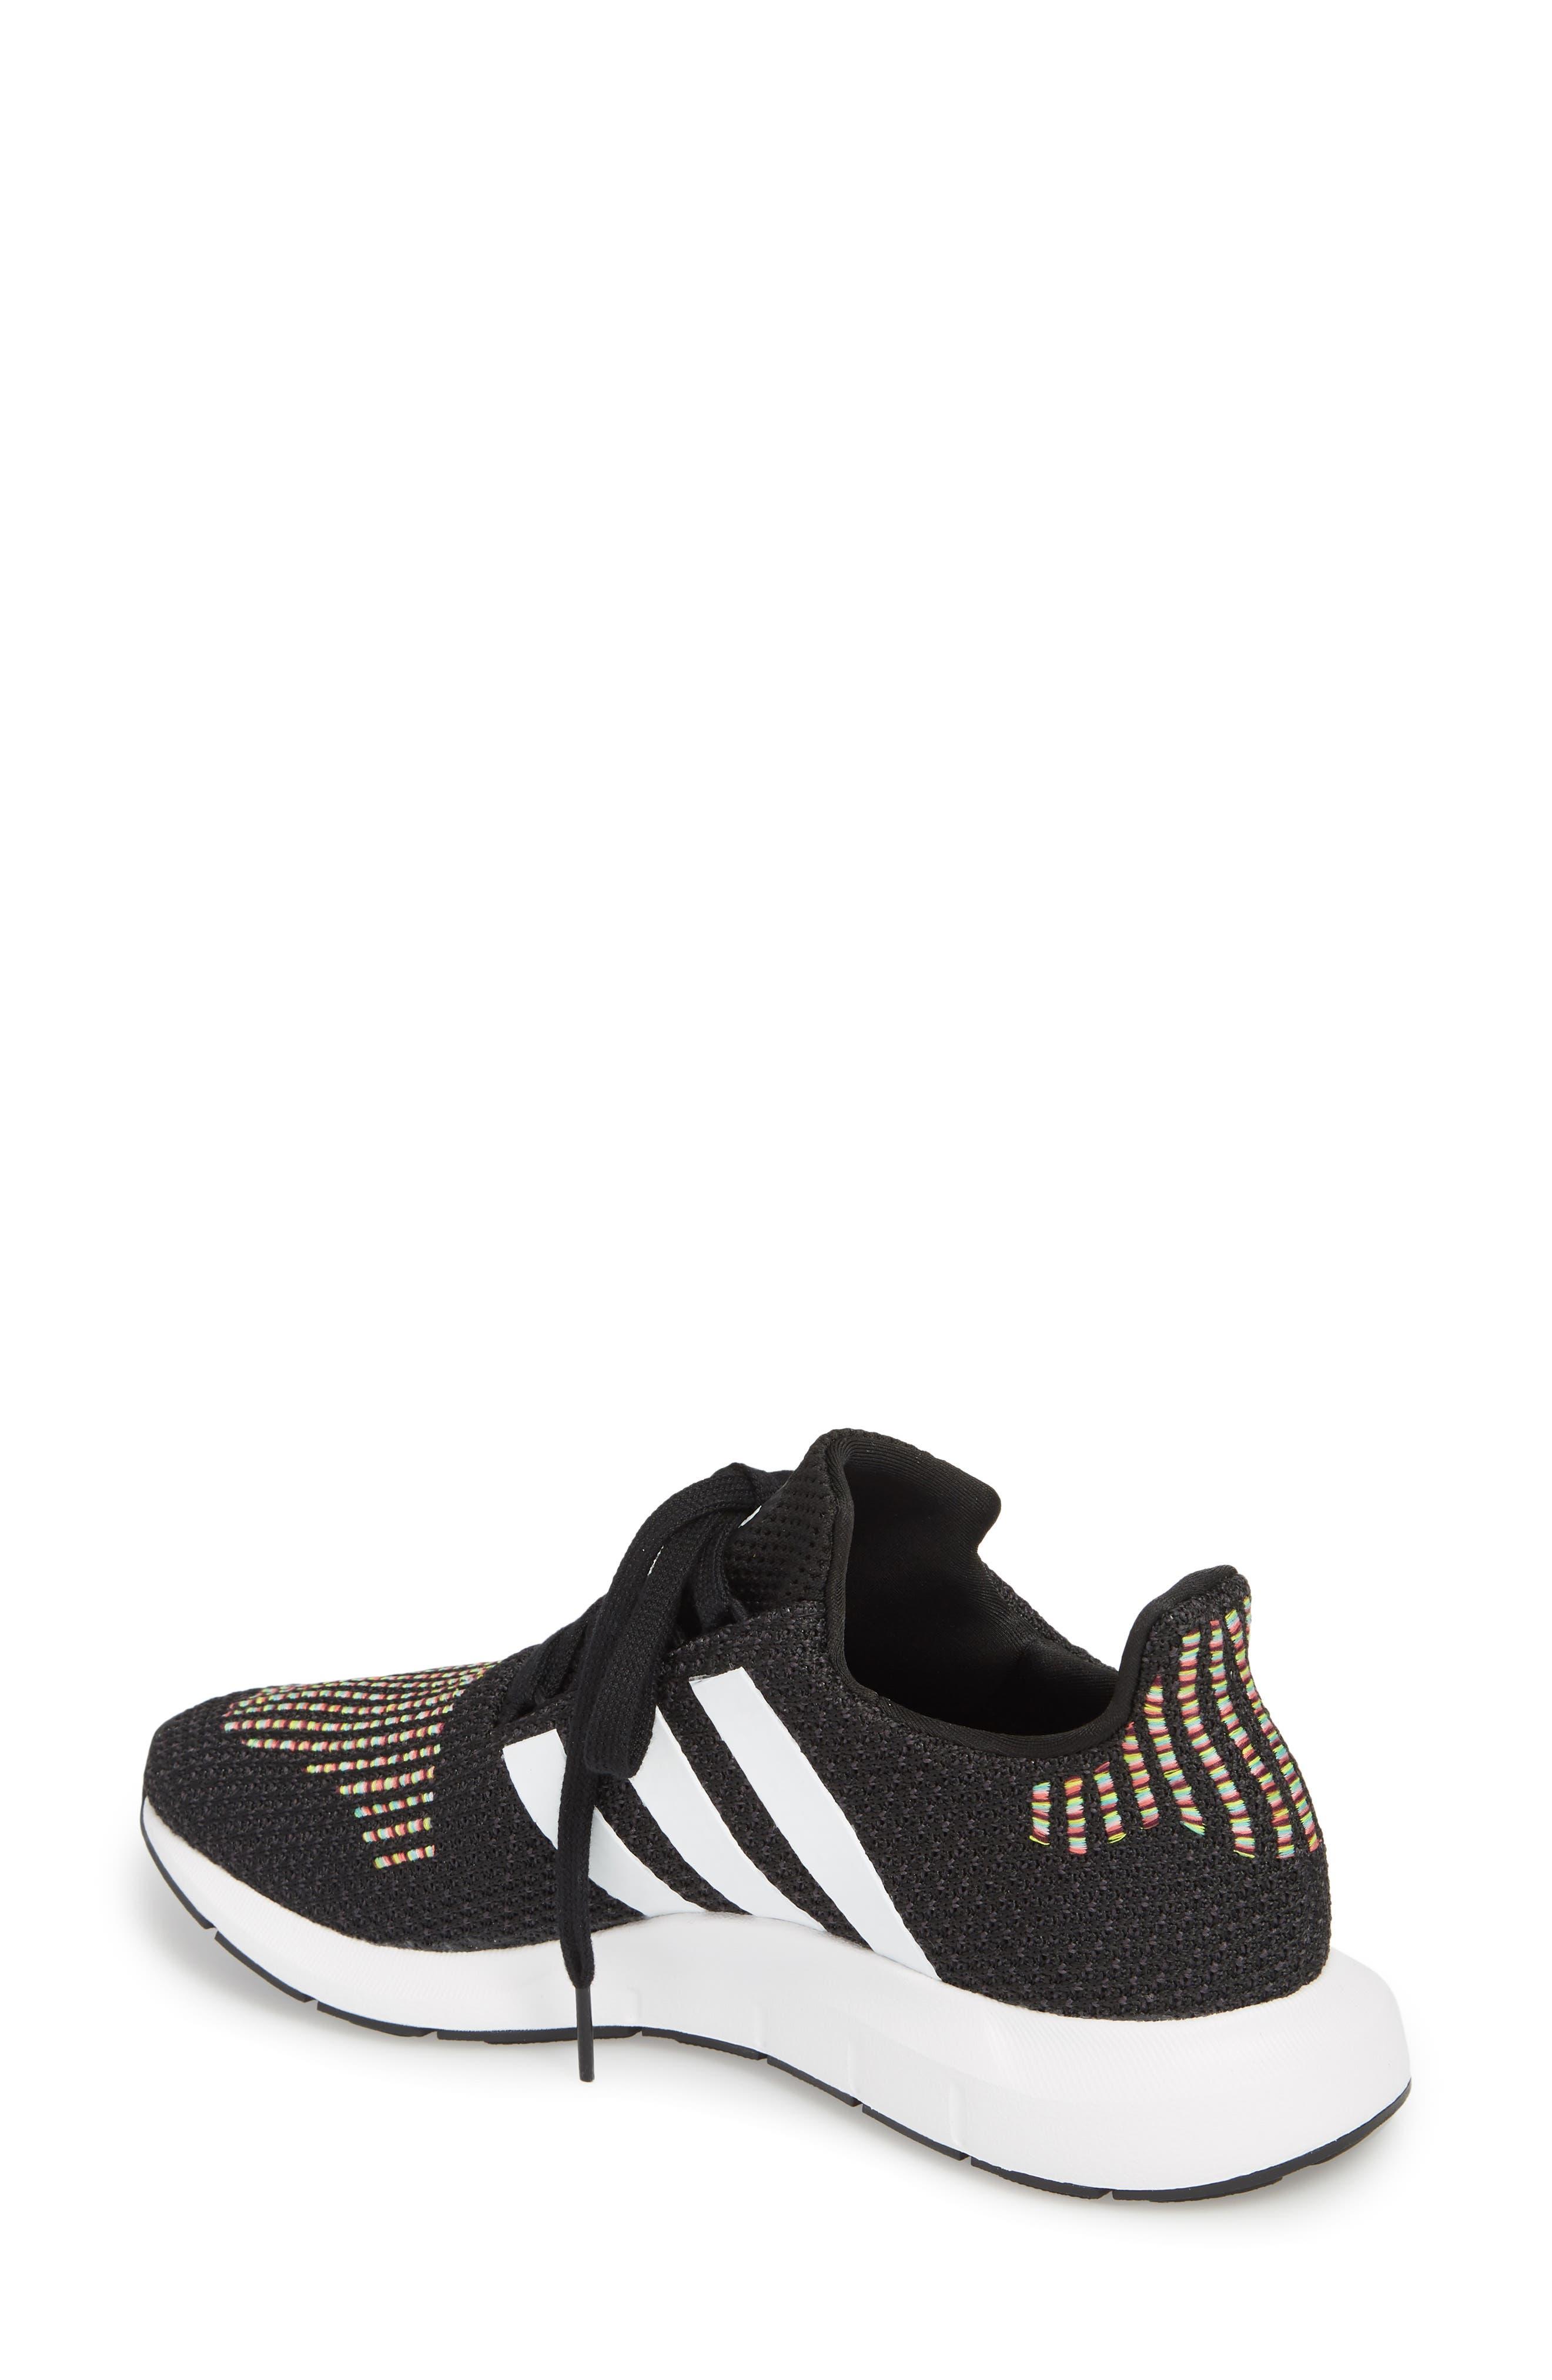 Swift Run Sneaker,                             Alternate thumbnail 2, color,                             Core Black/ White/ Core Black